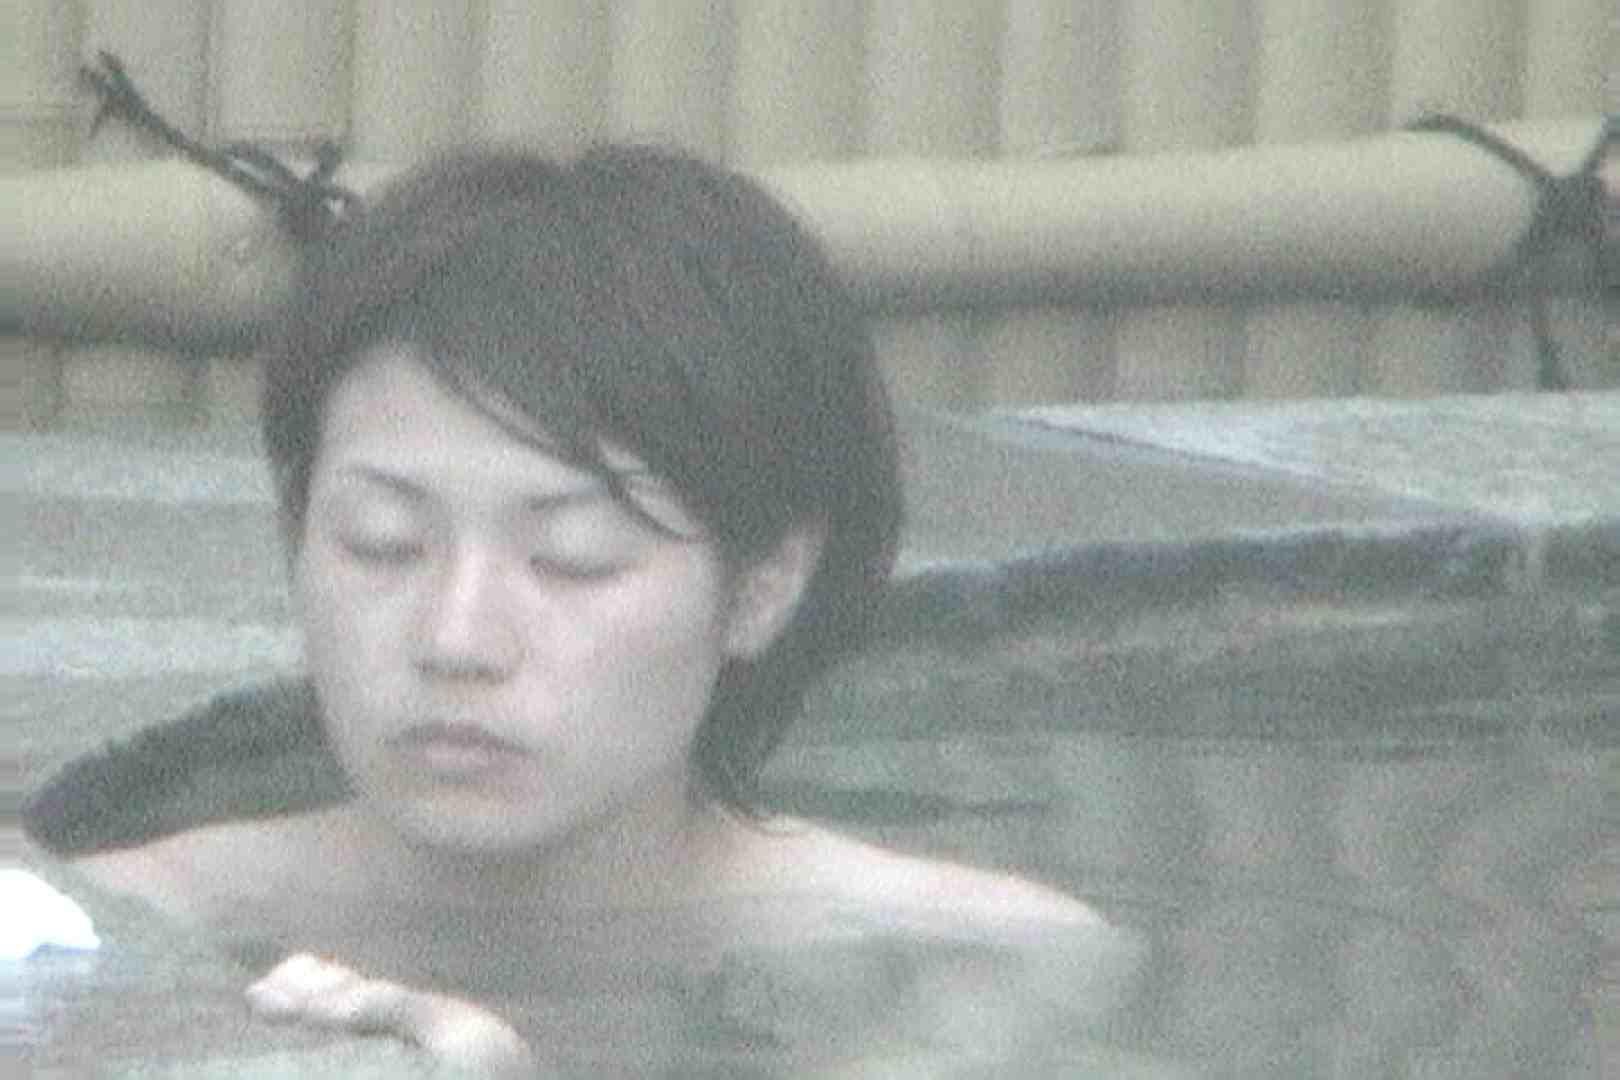 Aquaな露天風呂Vol.100【VIP限定】 盗撮   露天  98pic 50